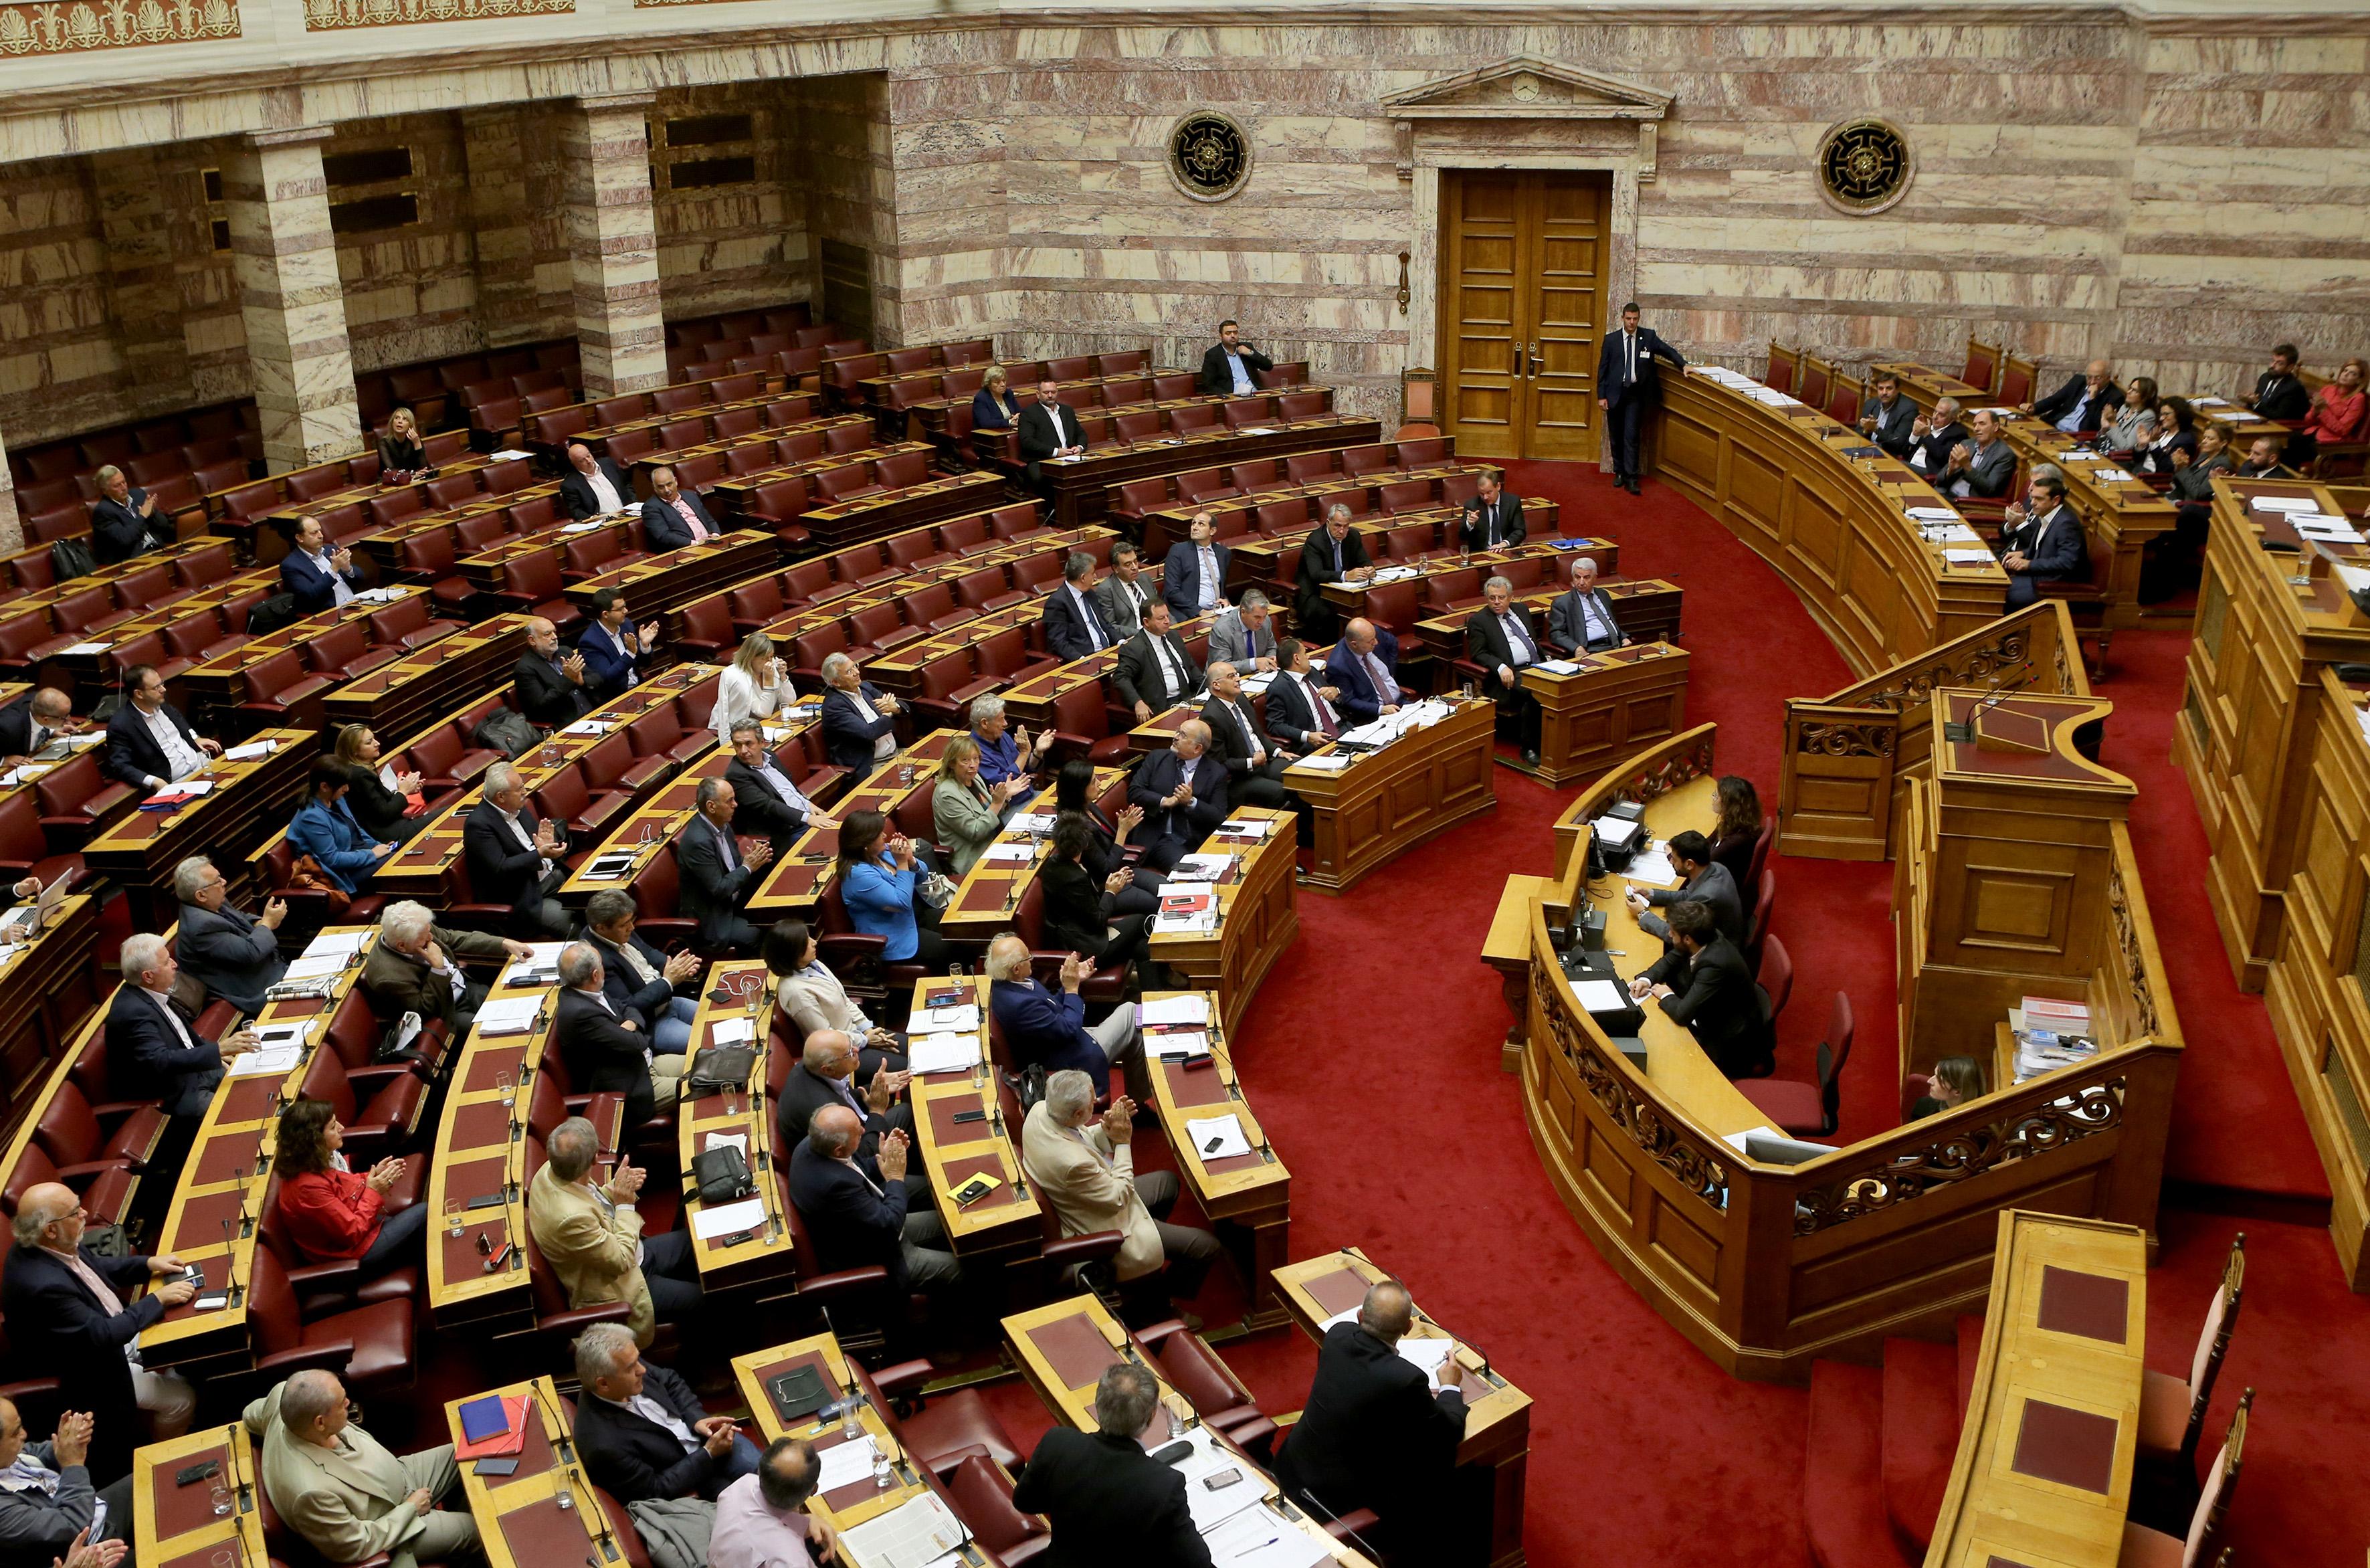 Κρίσιμη «μάχη» στη Βουλή για τα όπλα της Σαουδικής Αραβίας – Υπεκφυγές και άλλα λόγια από τον Π. Καμμένο | tovima.gr